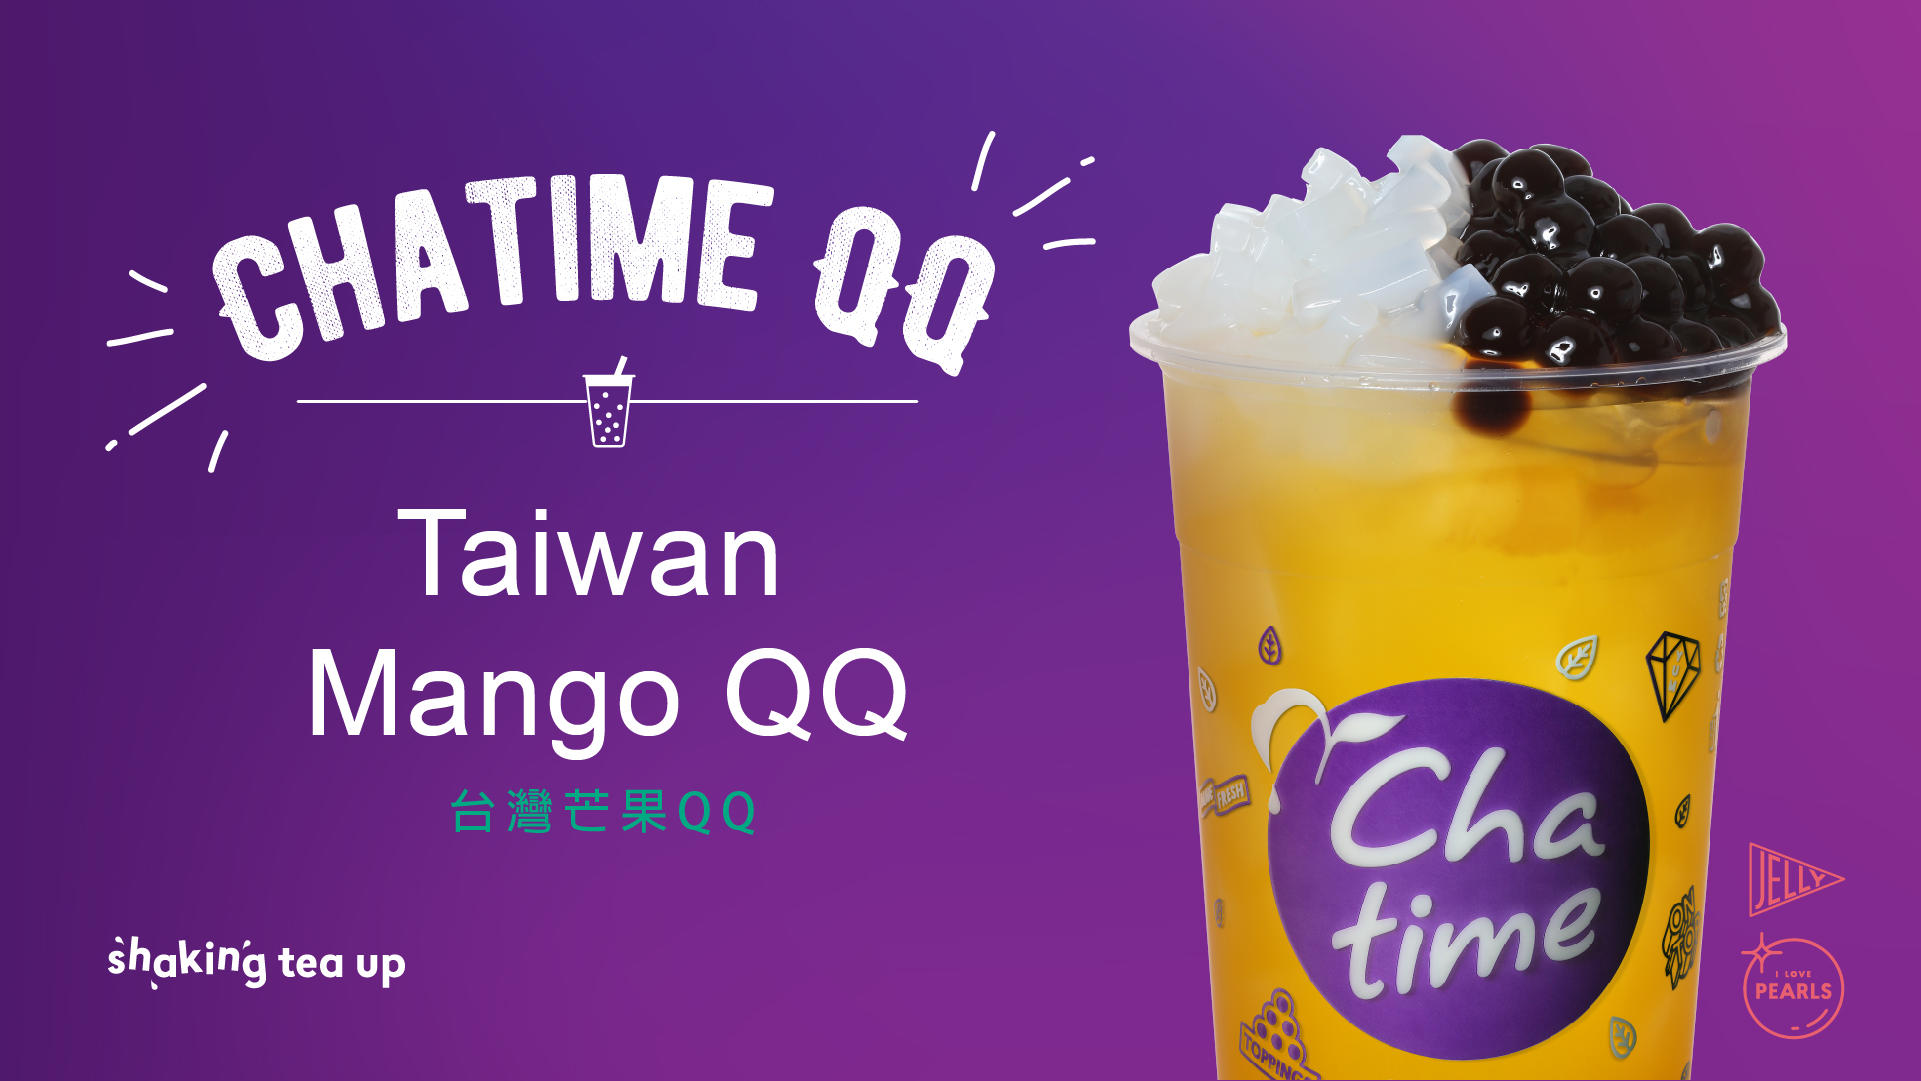 Chatime Bubble Tea & Slurping Noodles image 12